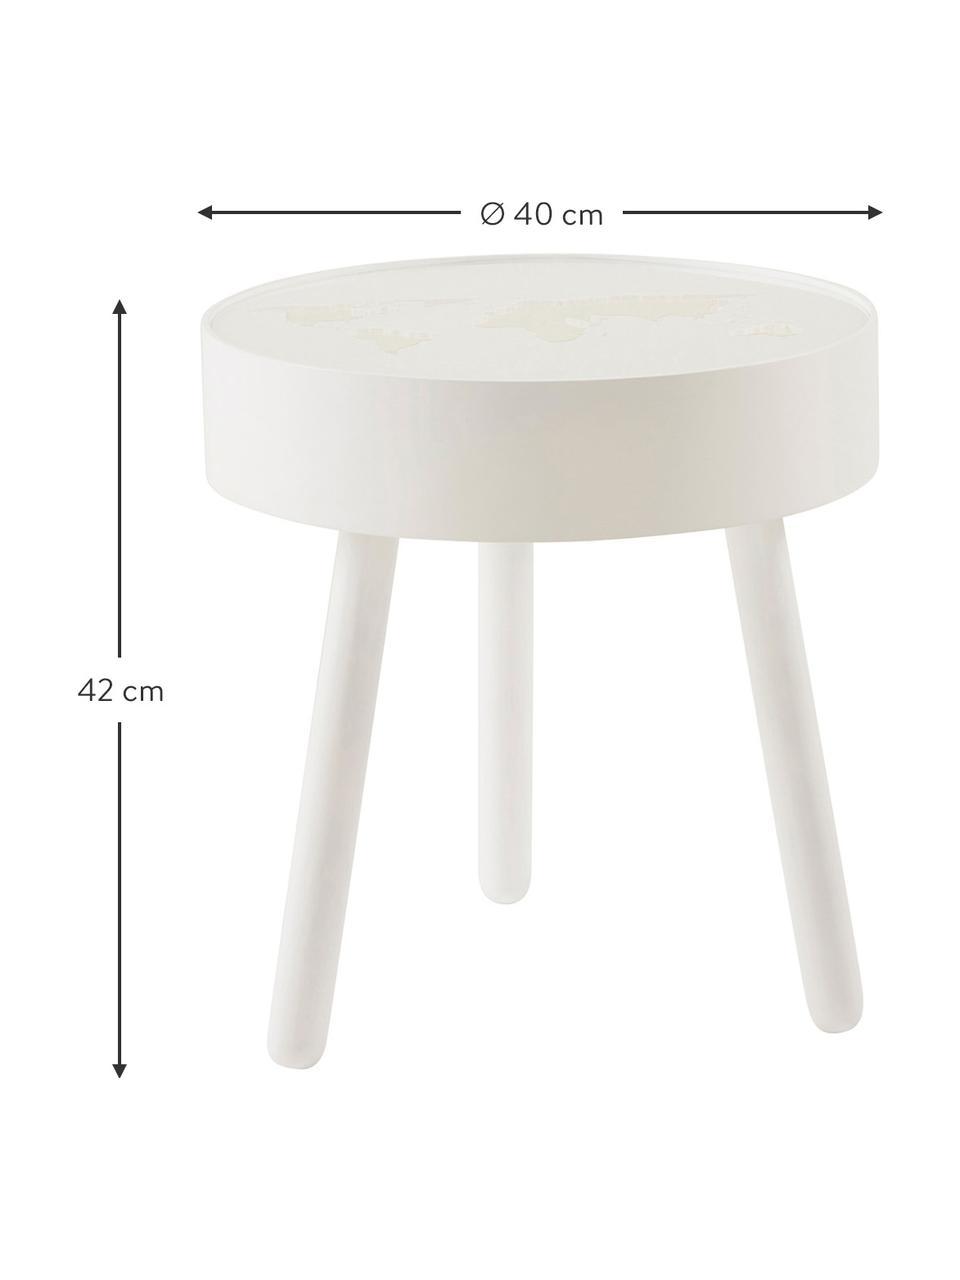 Table ronde bois blanc avec éclairage LED intégré Monroy, Blanc